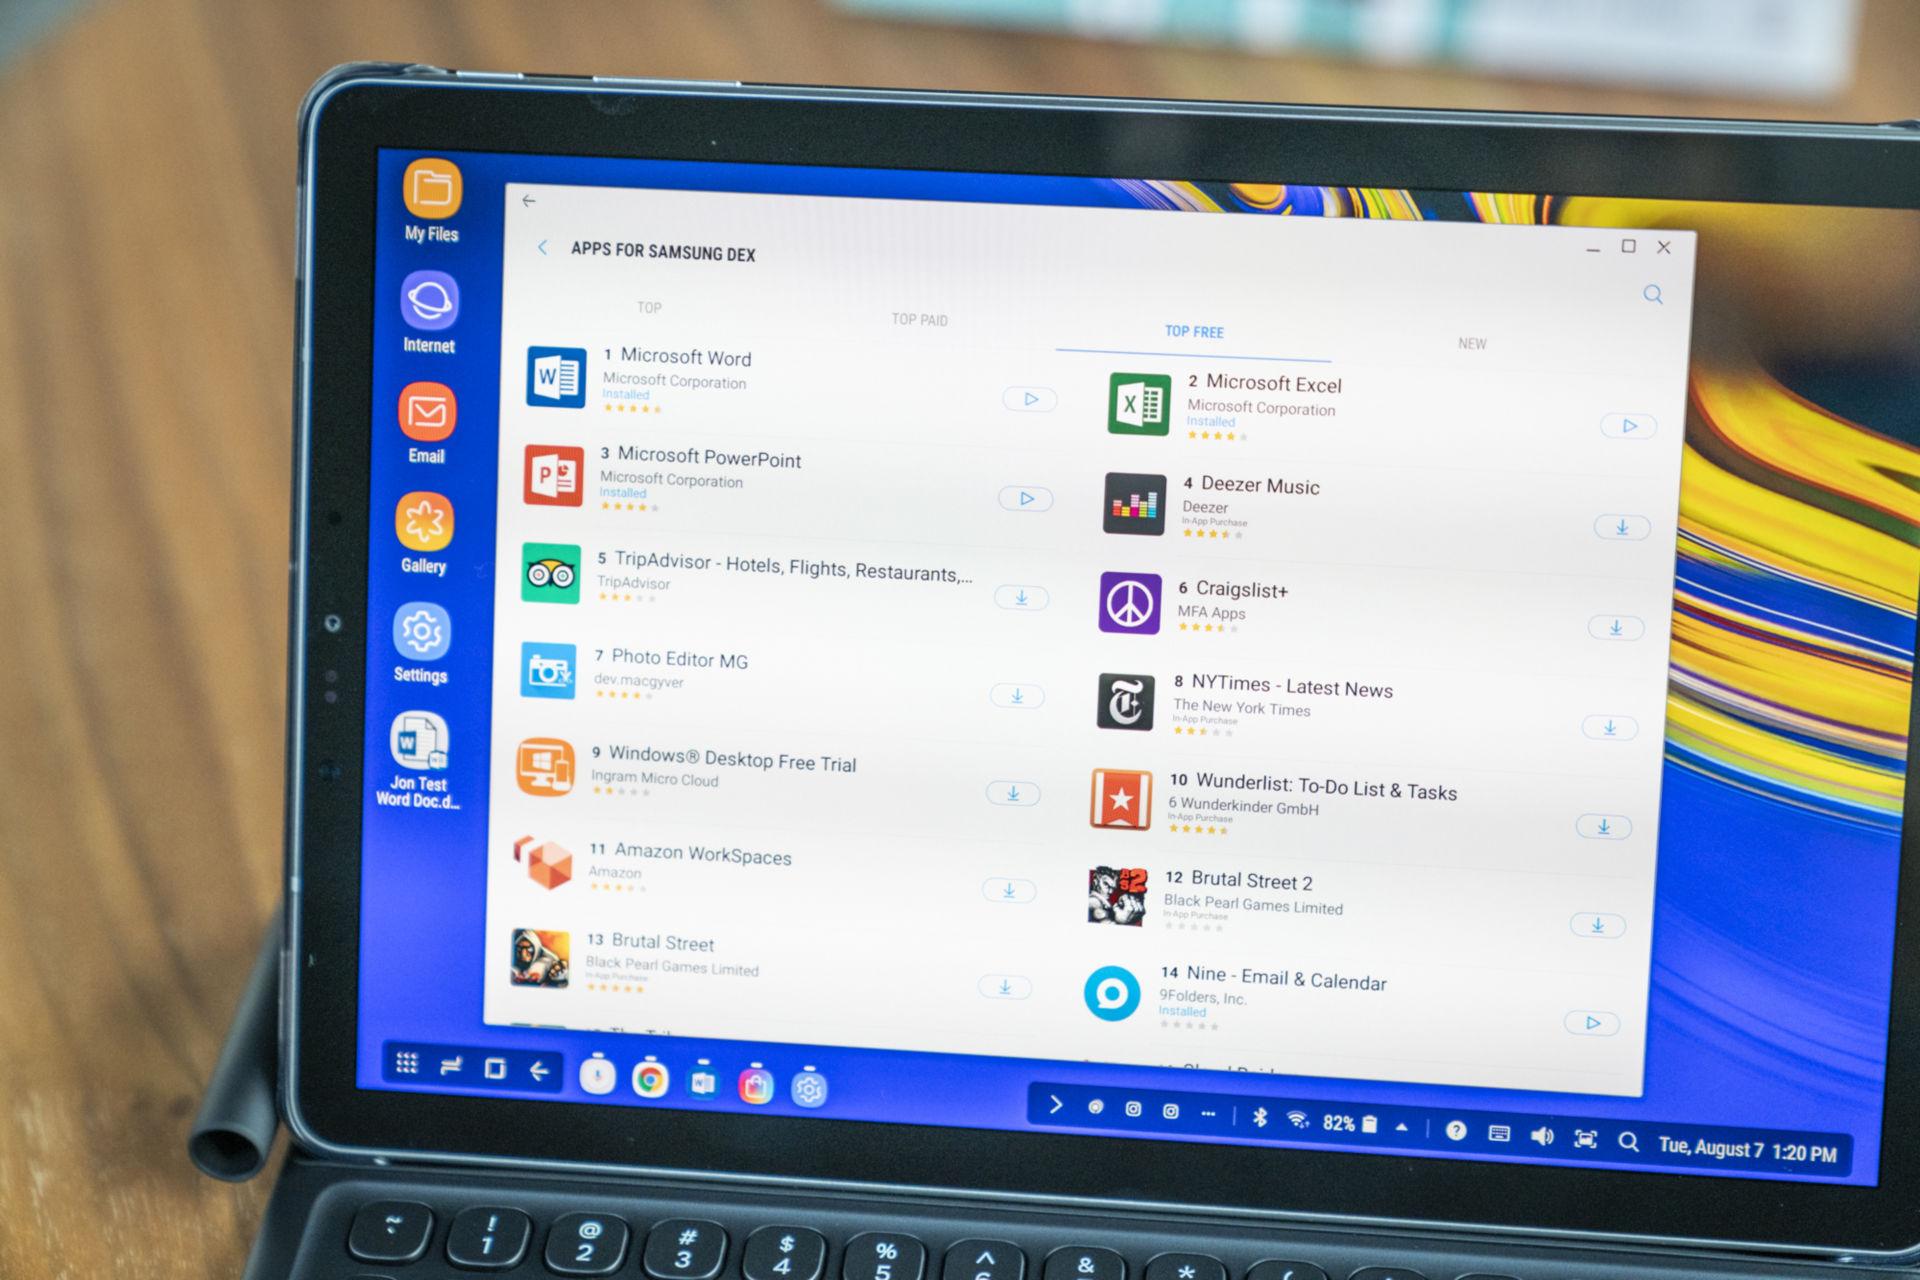 삼성이 덱스 최적화 앱을 많이 제공하지는 않지만, 업무를 끝내는 데 필요한 툴은 이용할 수 있다.